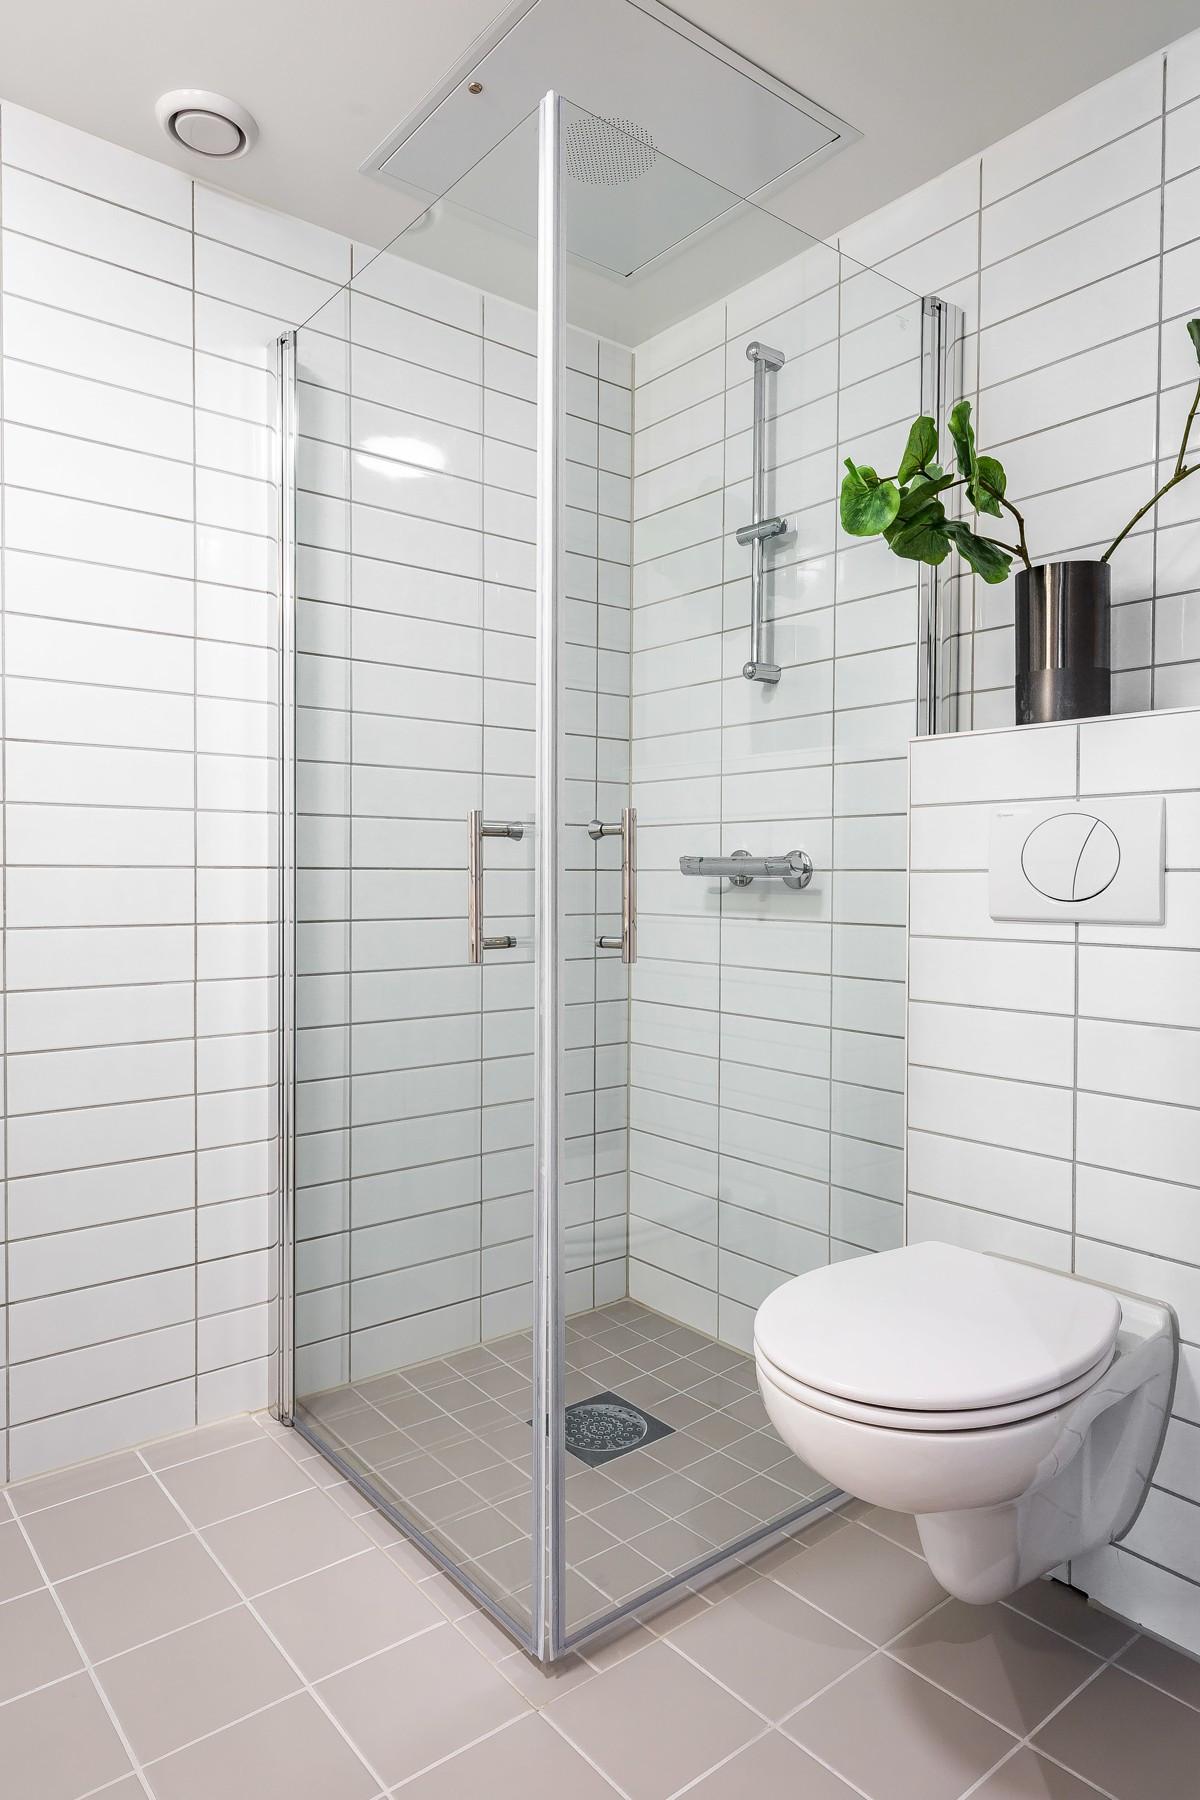 Dusjhjørne og vegghengt toalett